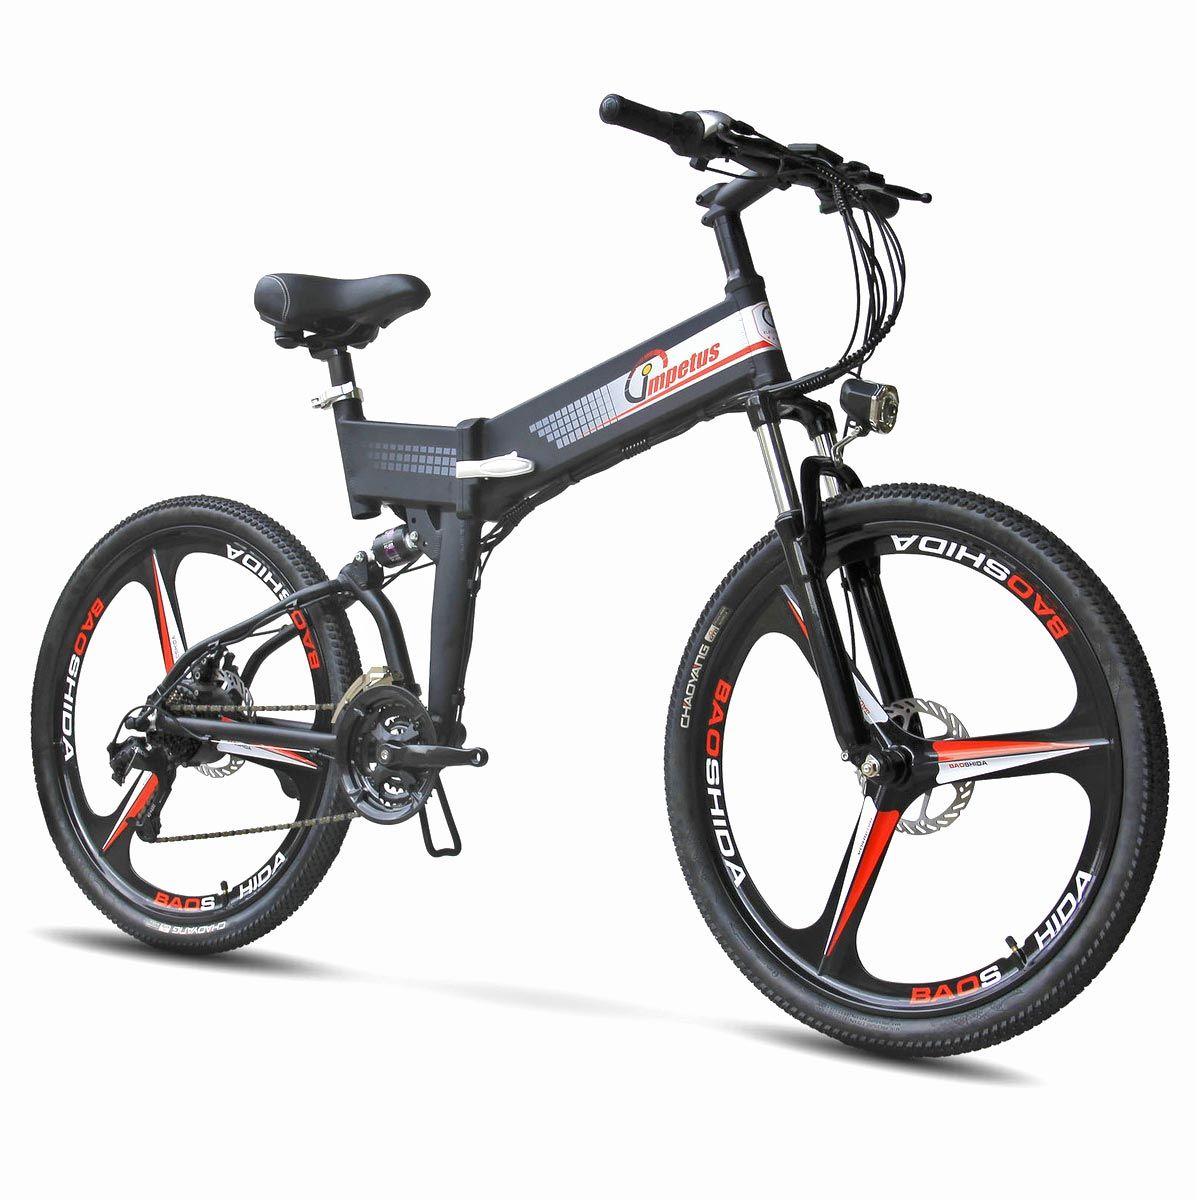 Bicicleta Electrica Ares X – Impetus (Plegable)